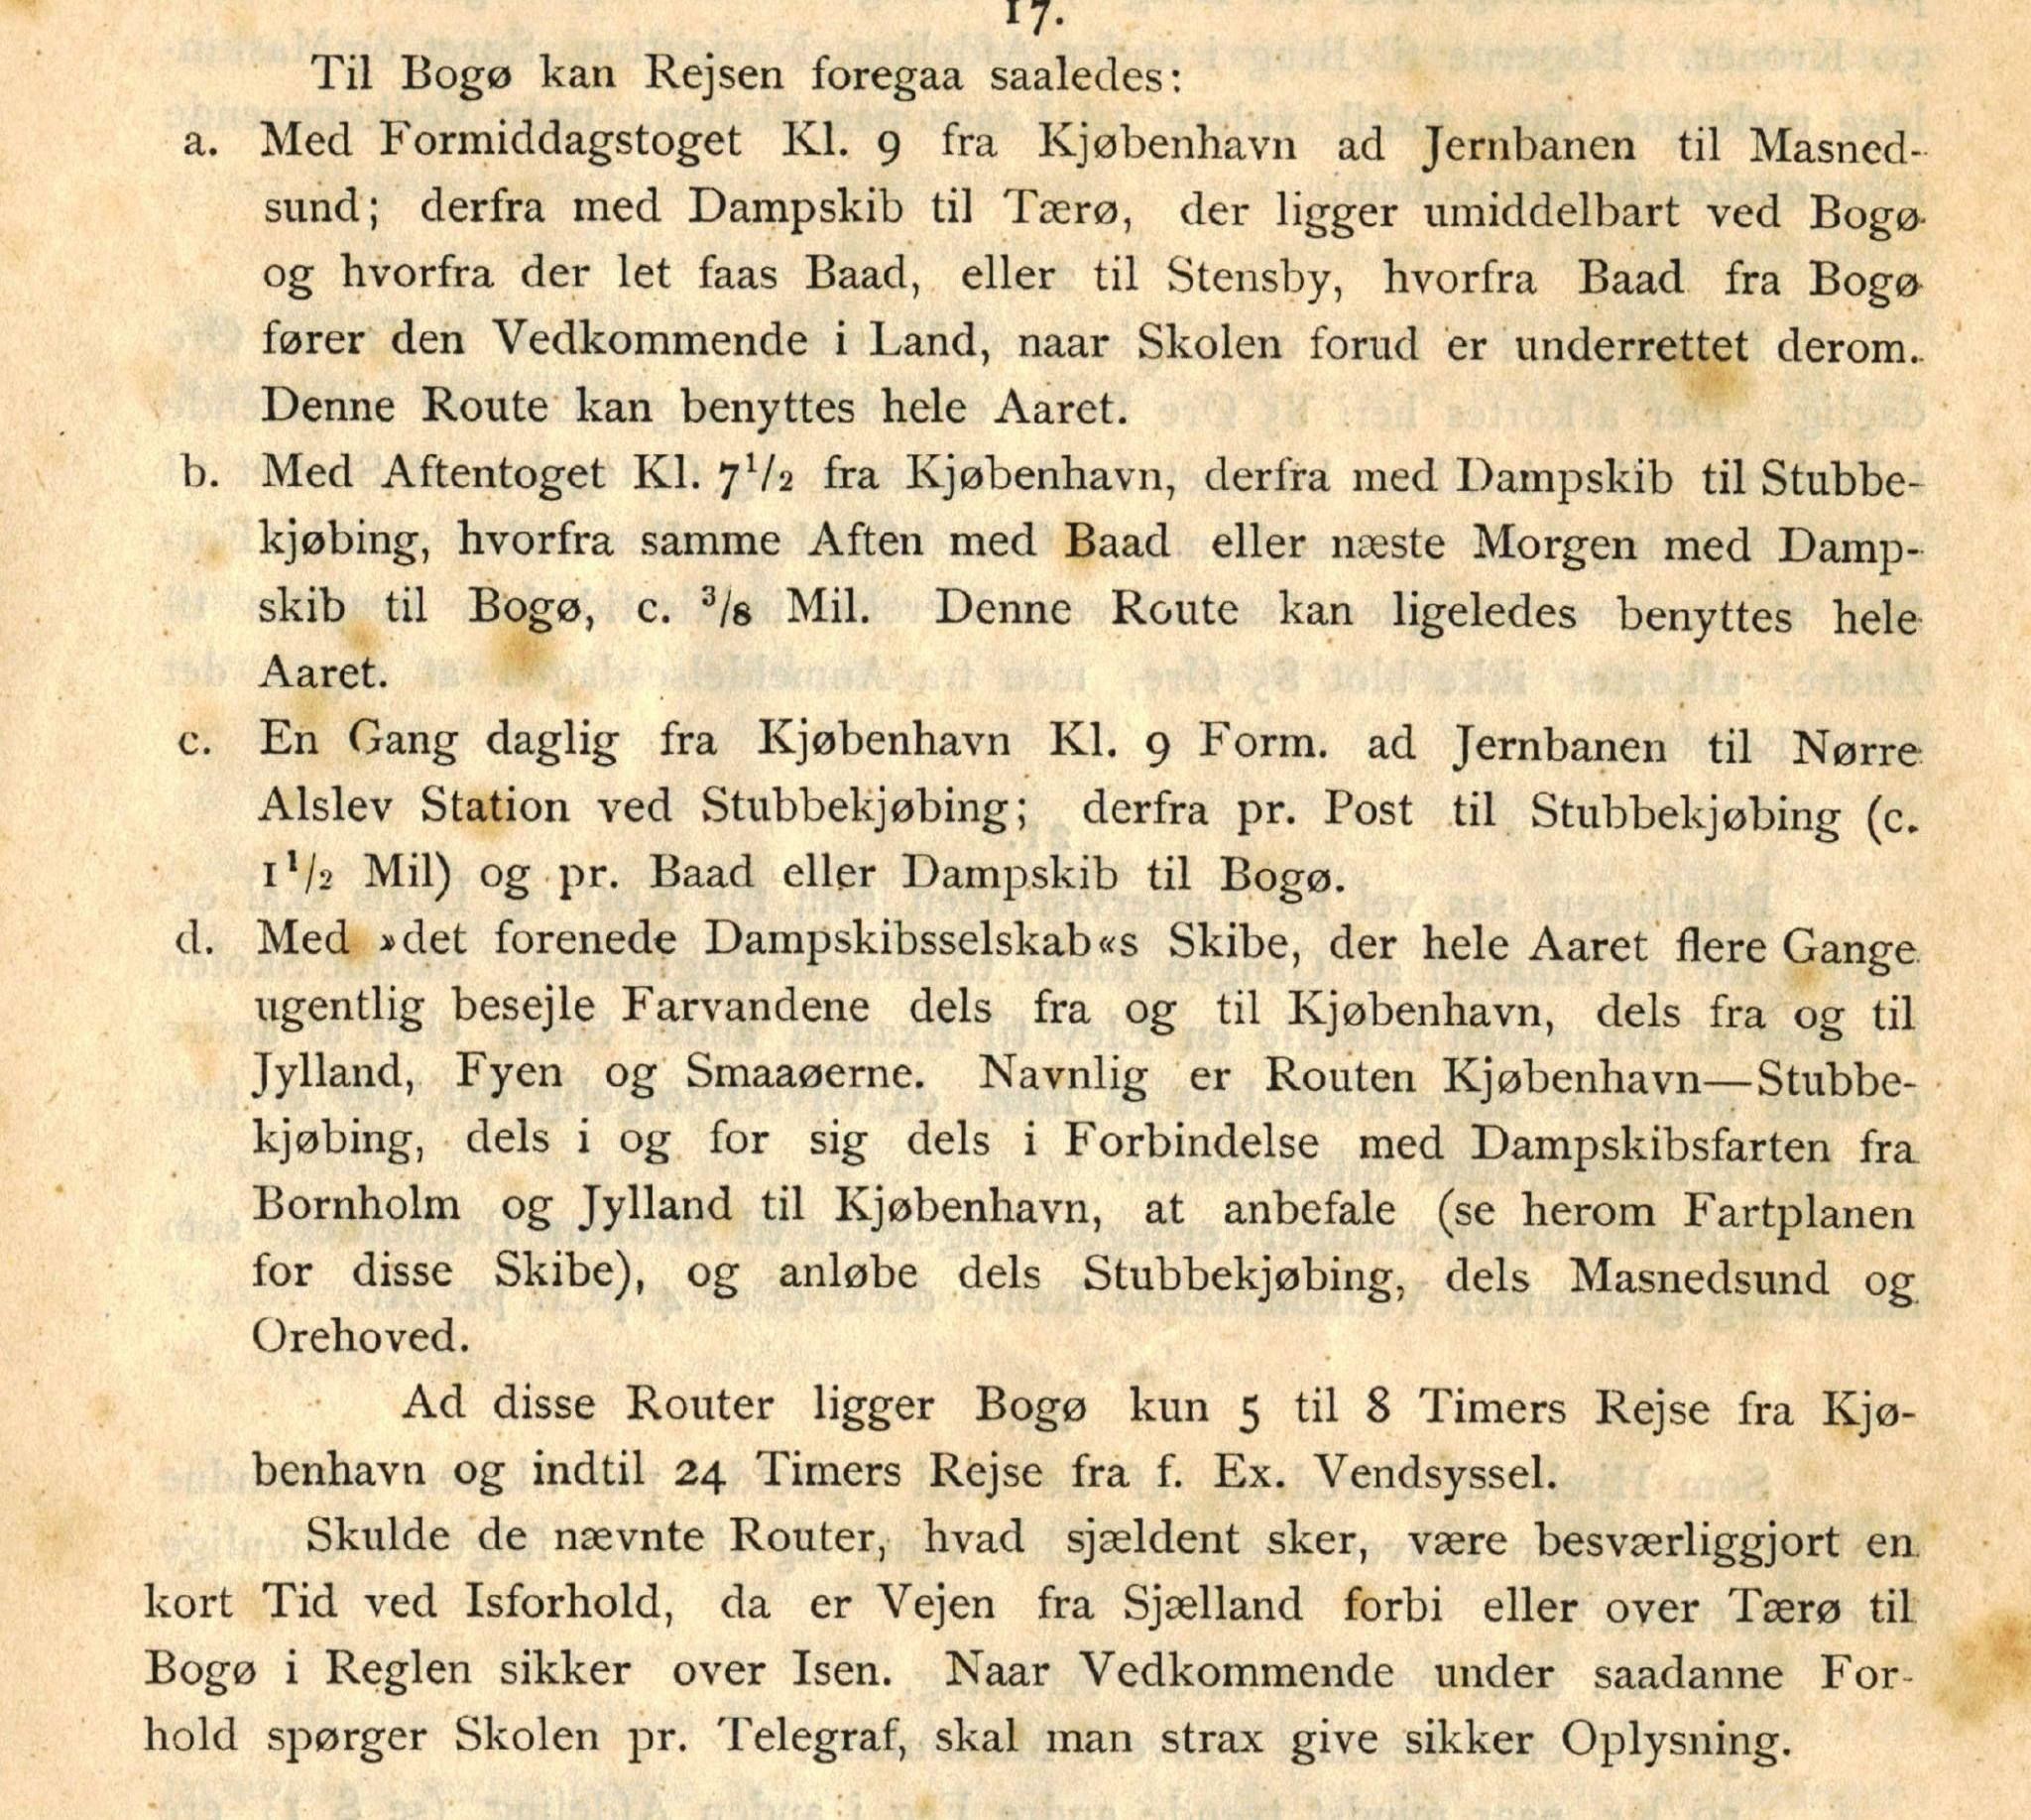 Bogø Navigationsskole udgav 1885 et lille hæfte, der fortalte om hvordan skolen var indrettet, eksaminer, undervisning og andre praktiske oplysninger til elever og deres pårørende. En sjov lille detalje er en vejledning om, hvordan man kommer til skolen.